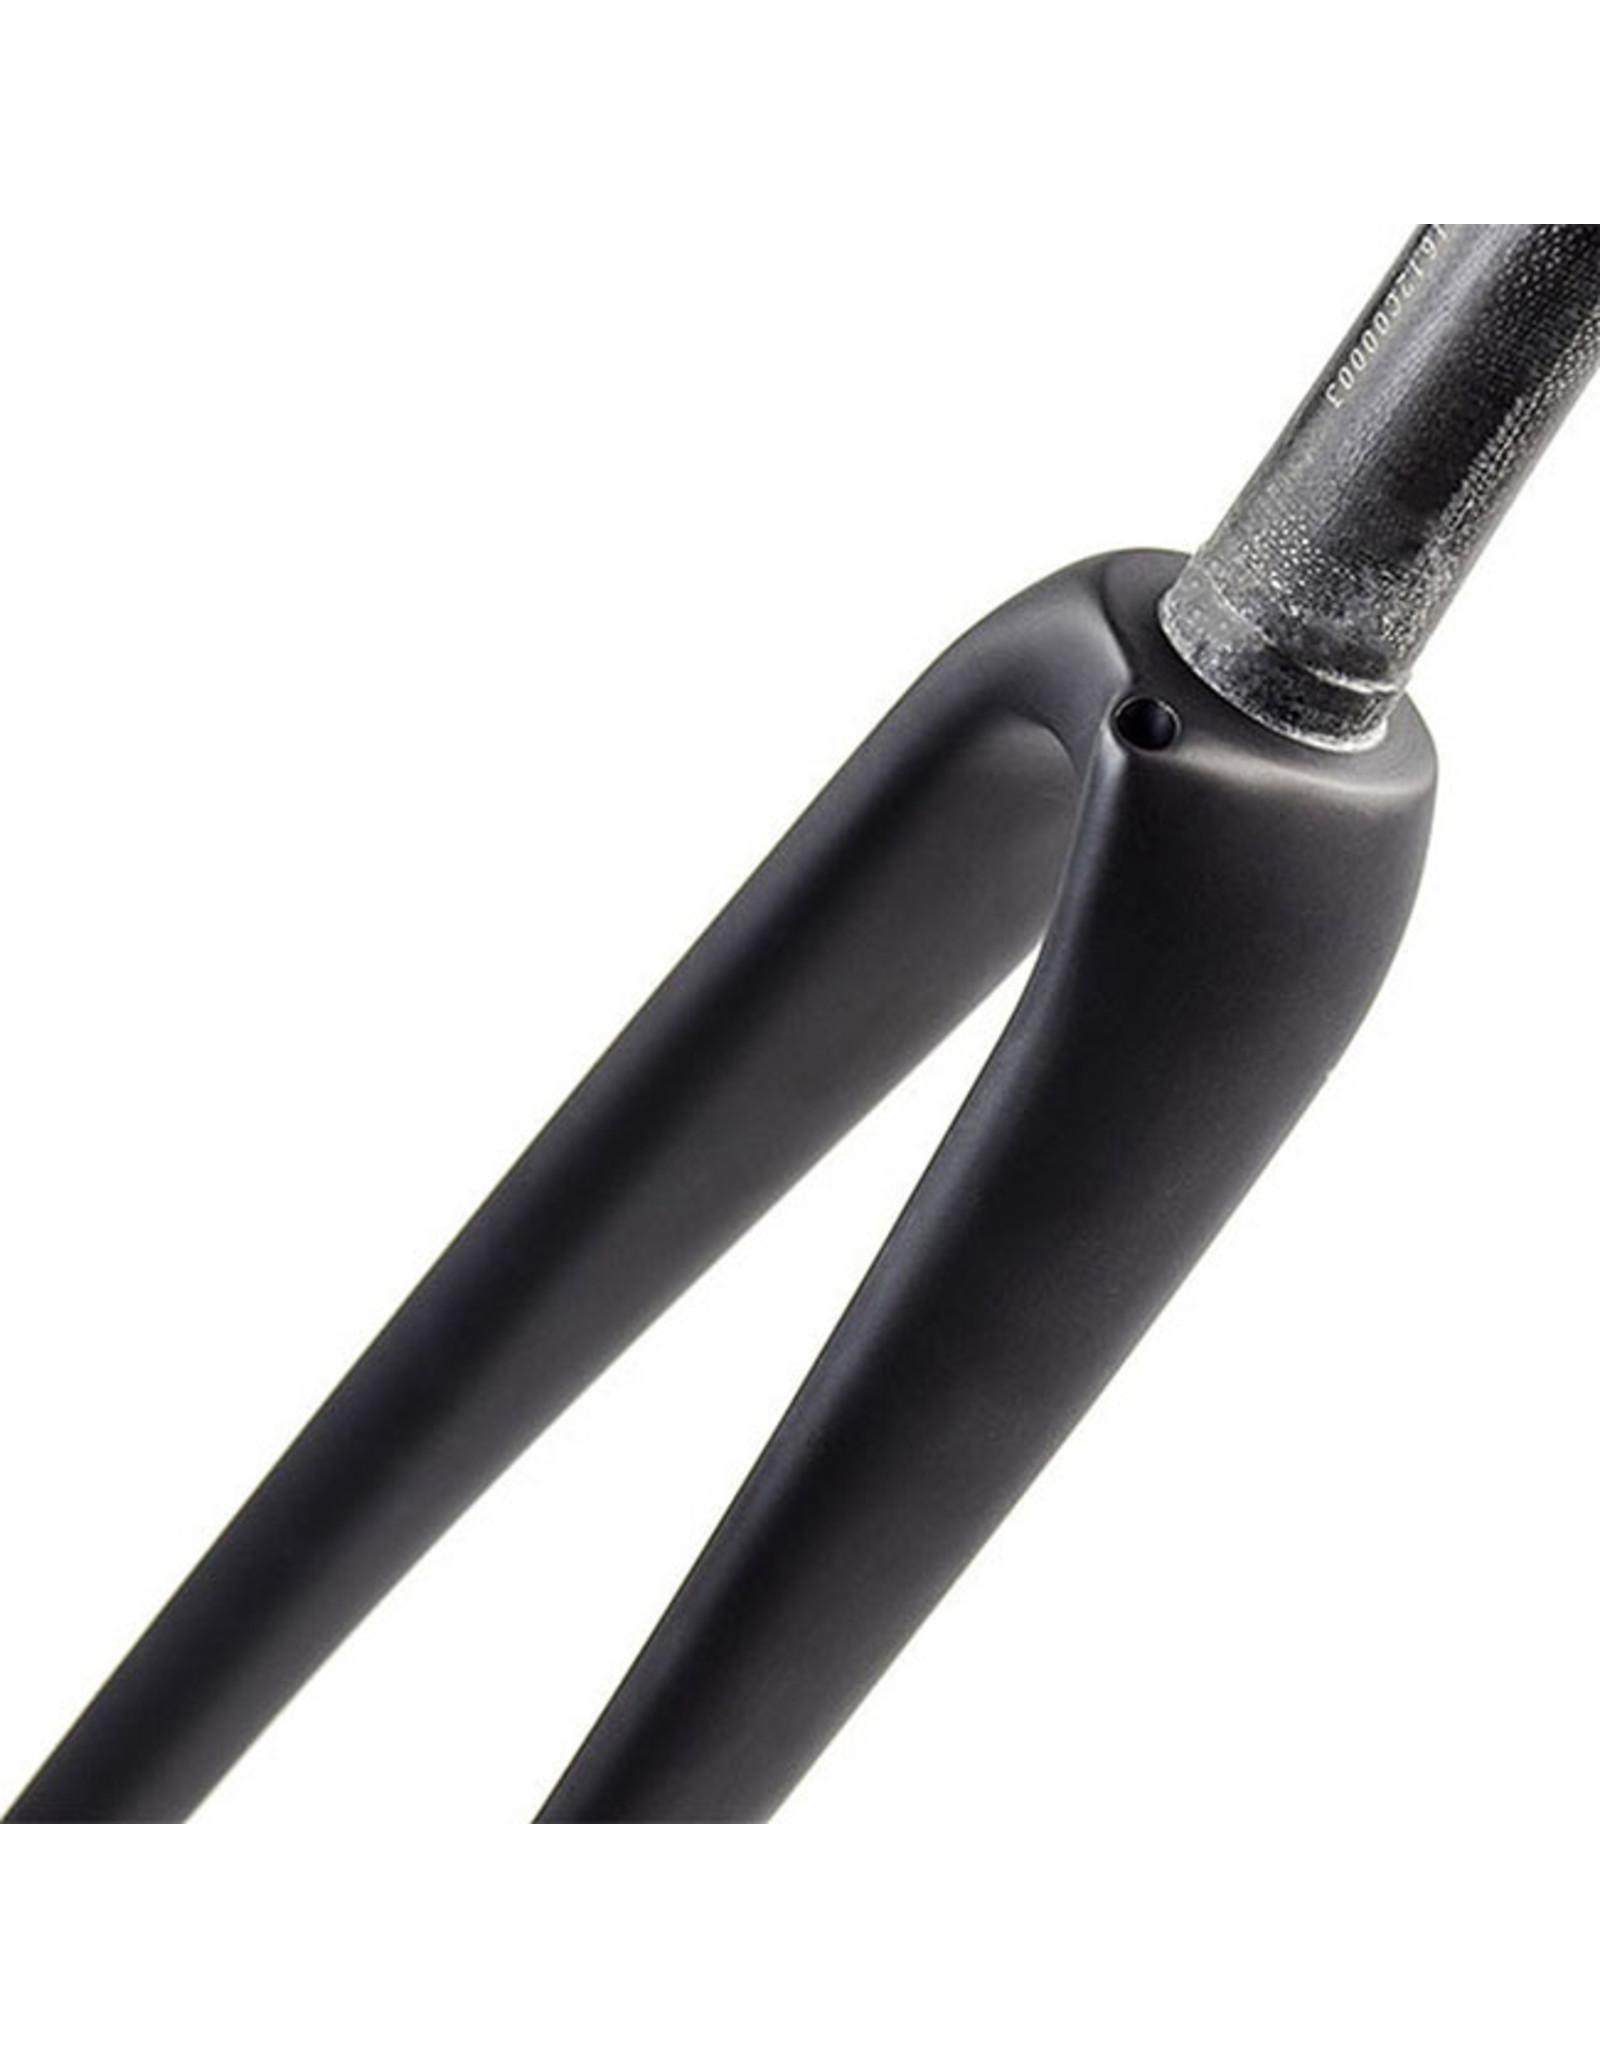 ENVE Composites ENVE Carbon Road Disc Brake Fork